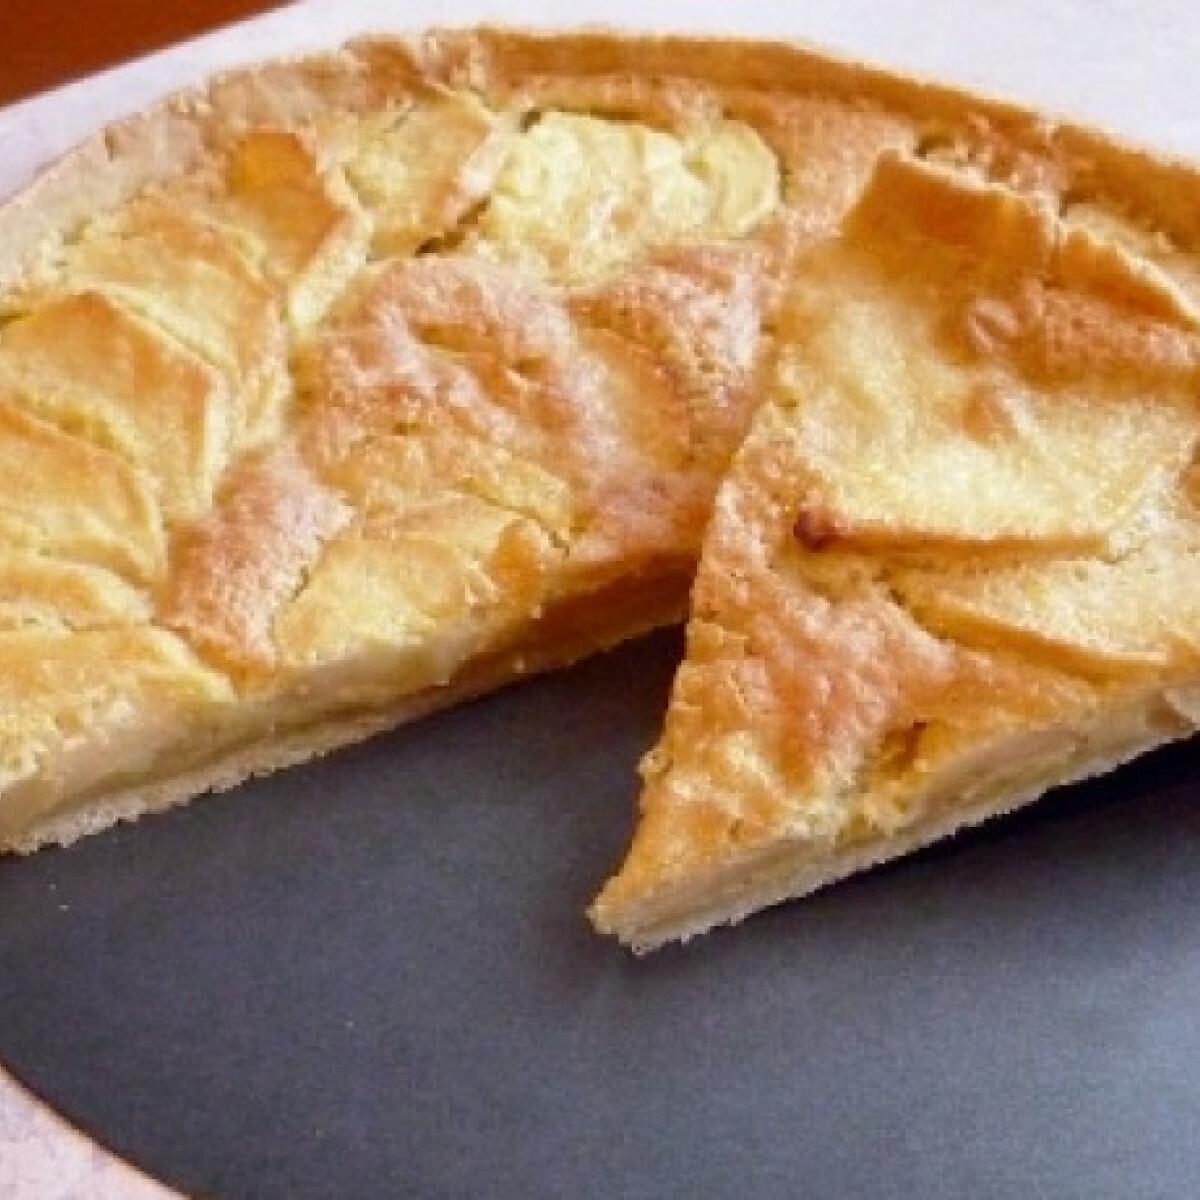 Ezen a képen: Almás pite vaníliasodóval sütve